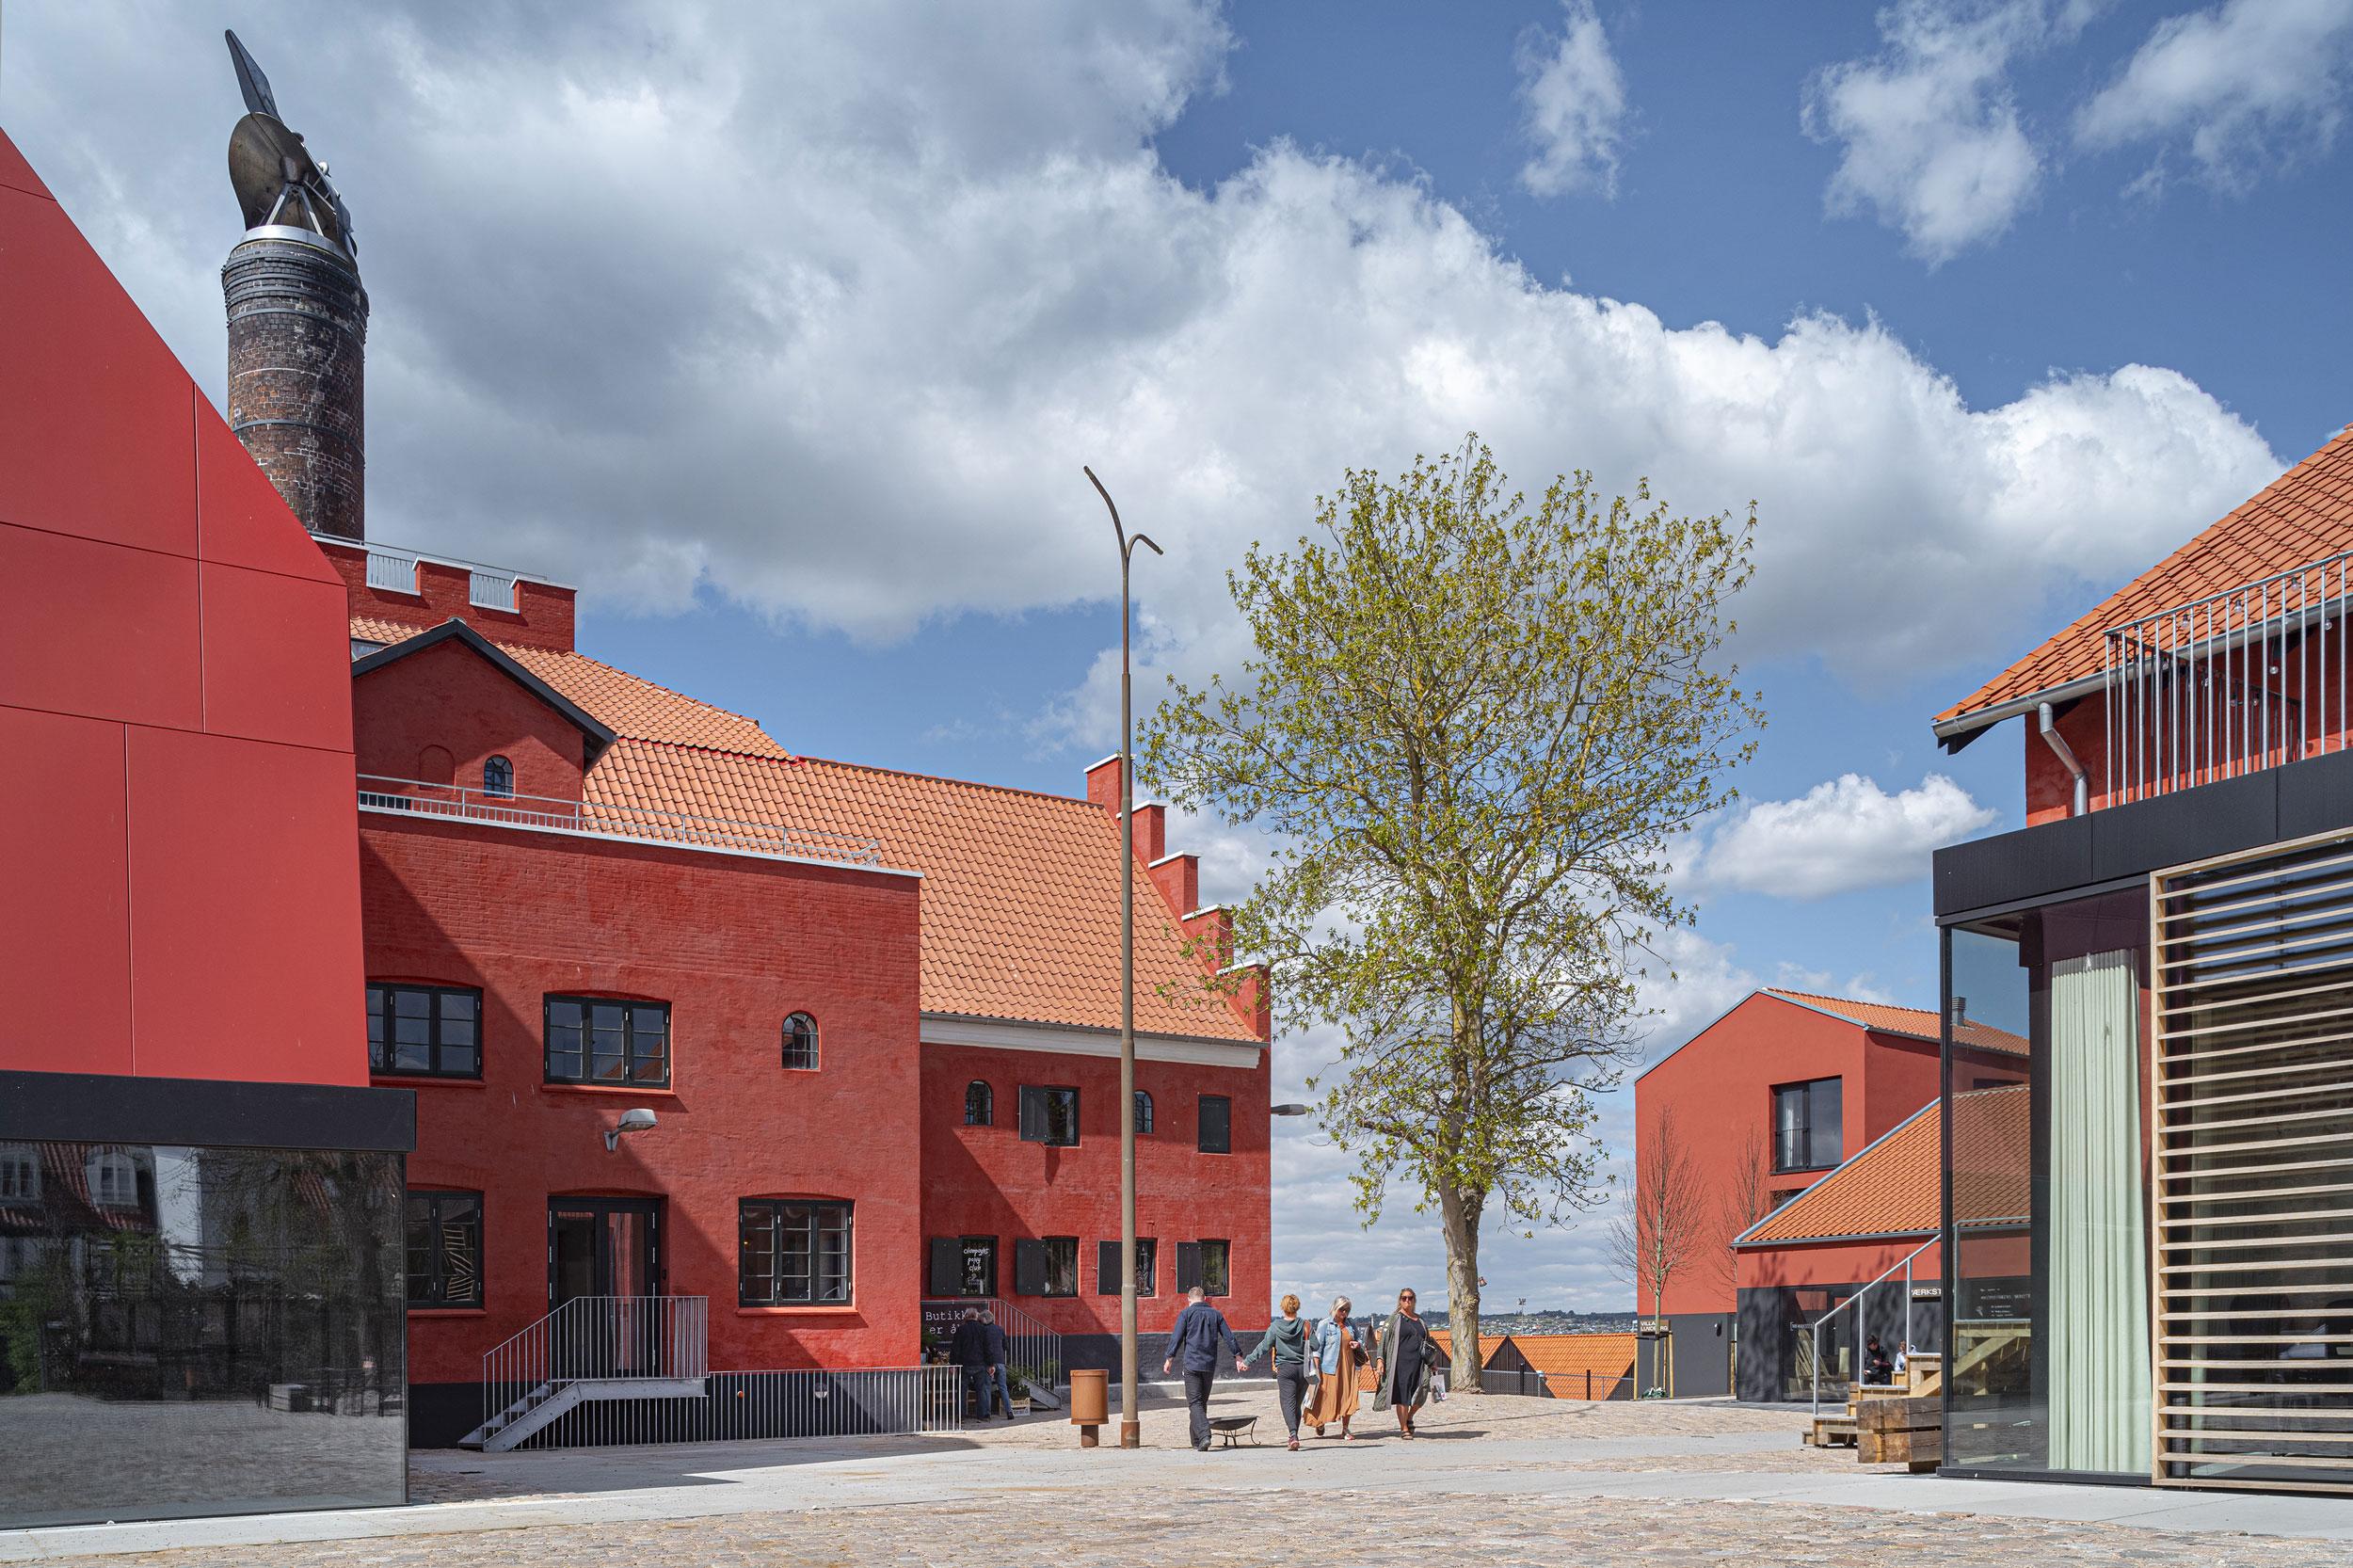 Gårdsplads med røde bygninger og et træ